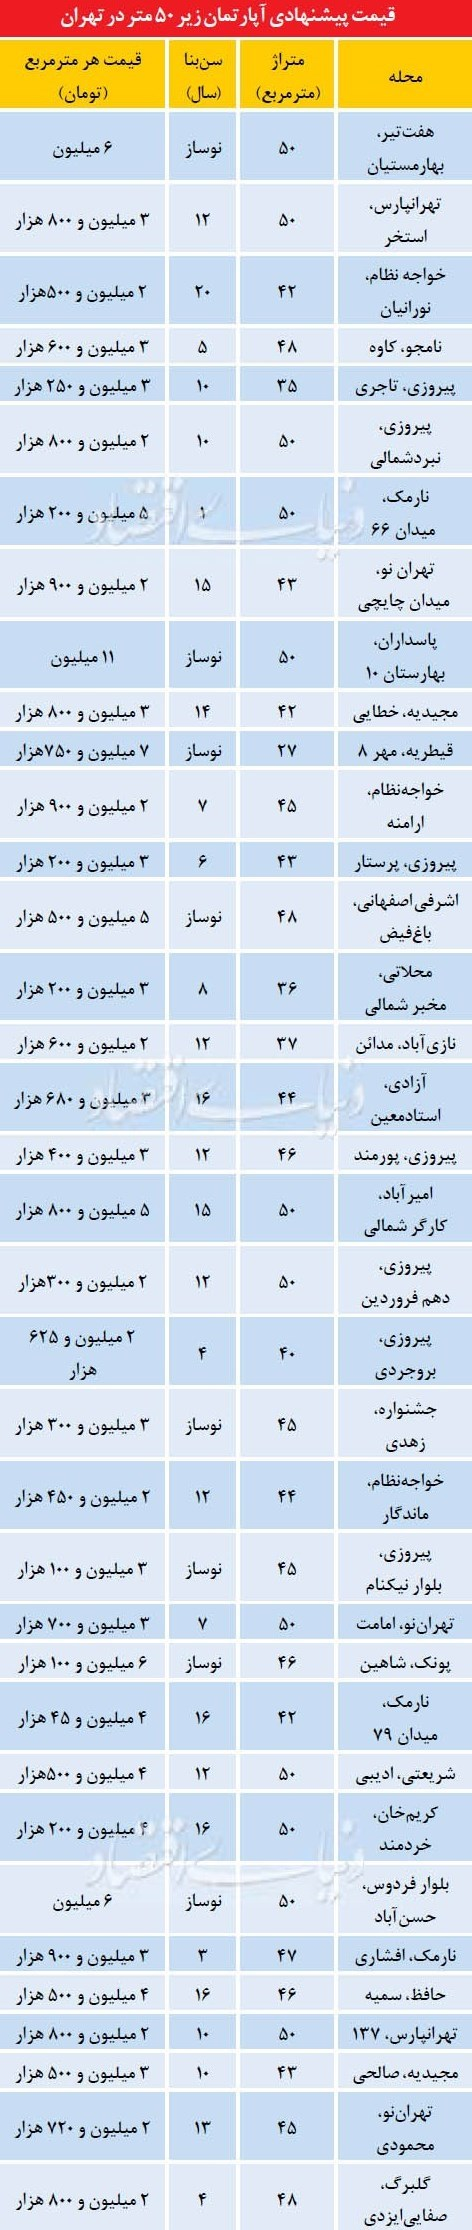 کانال+تلگرام+خرید+خانه+تهران